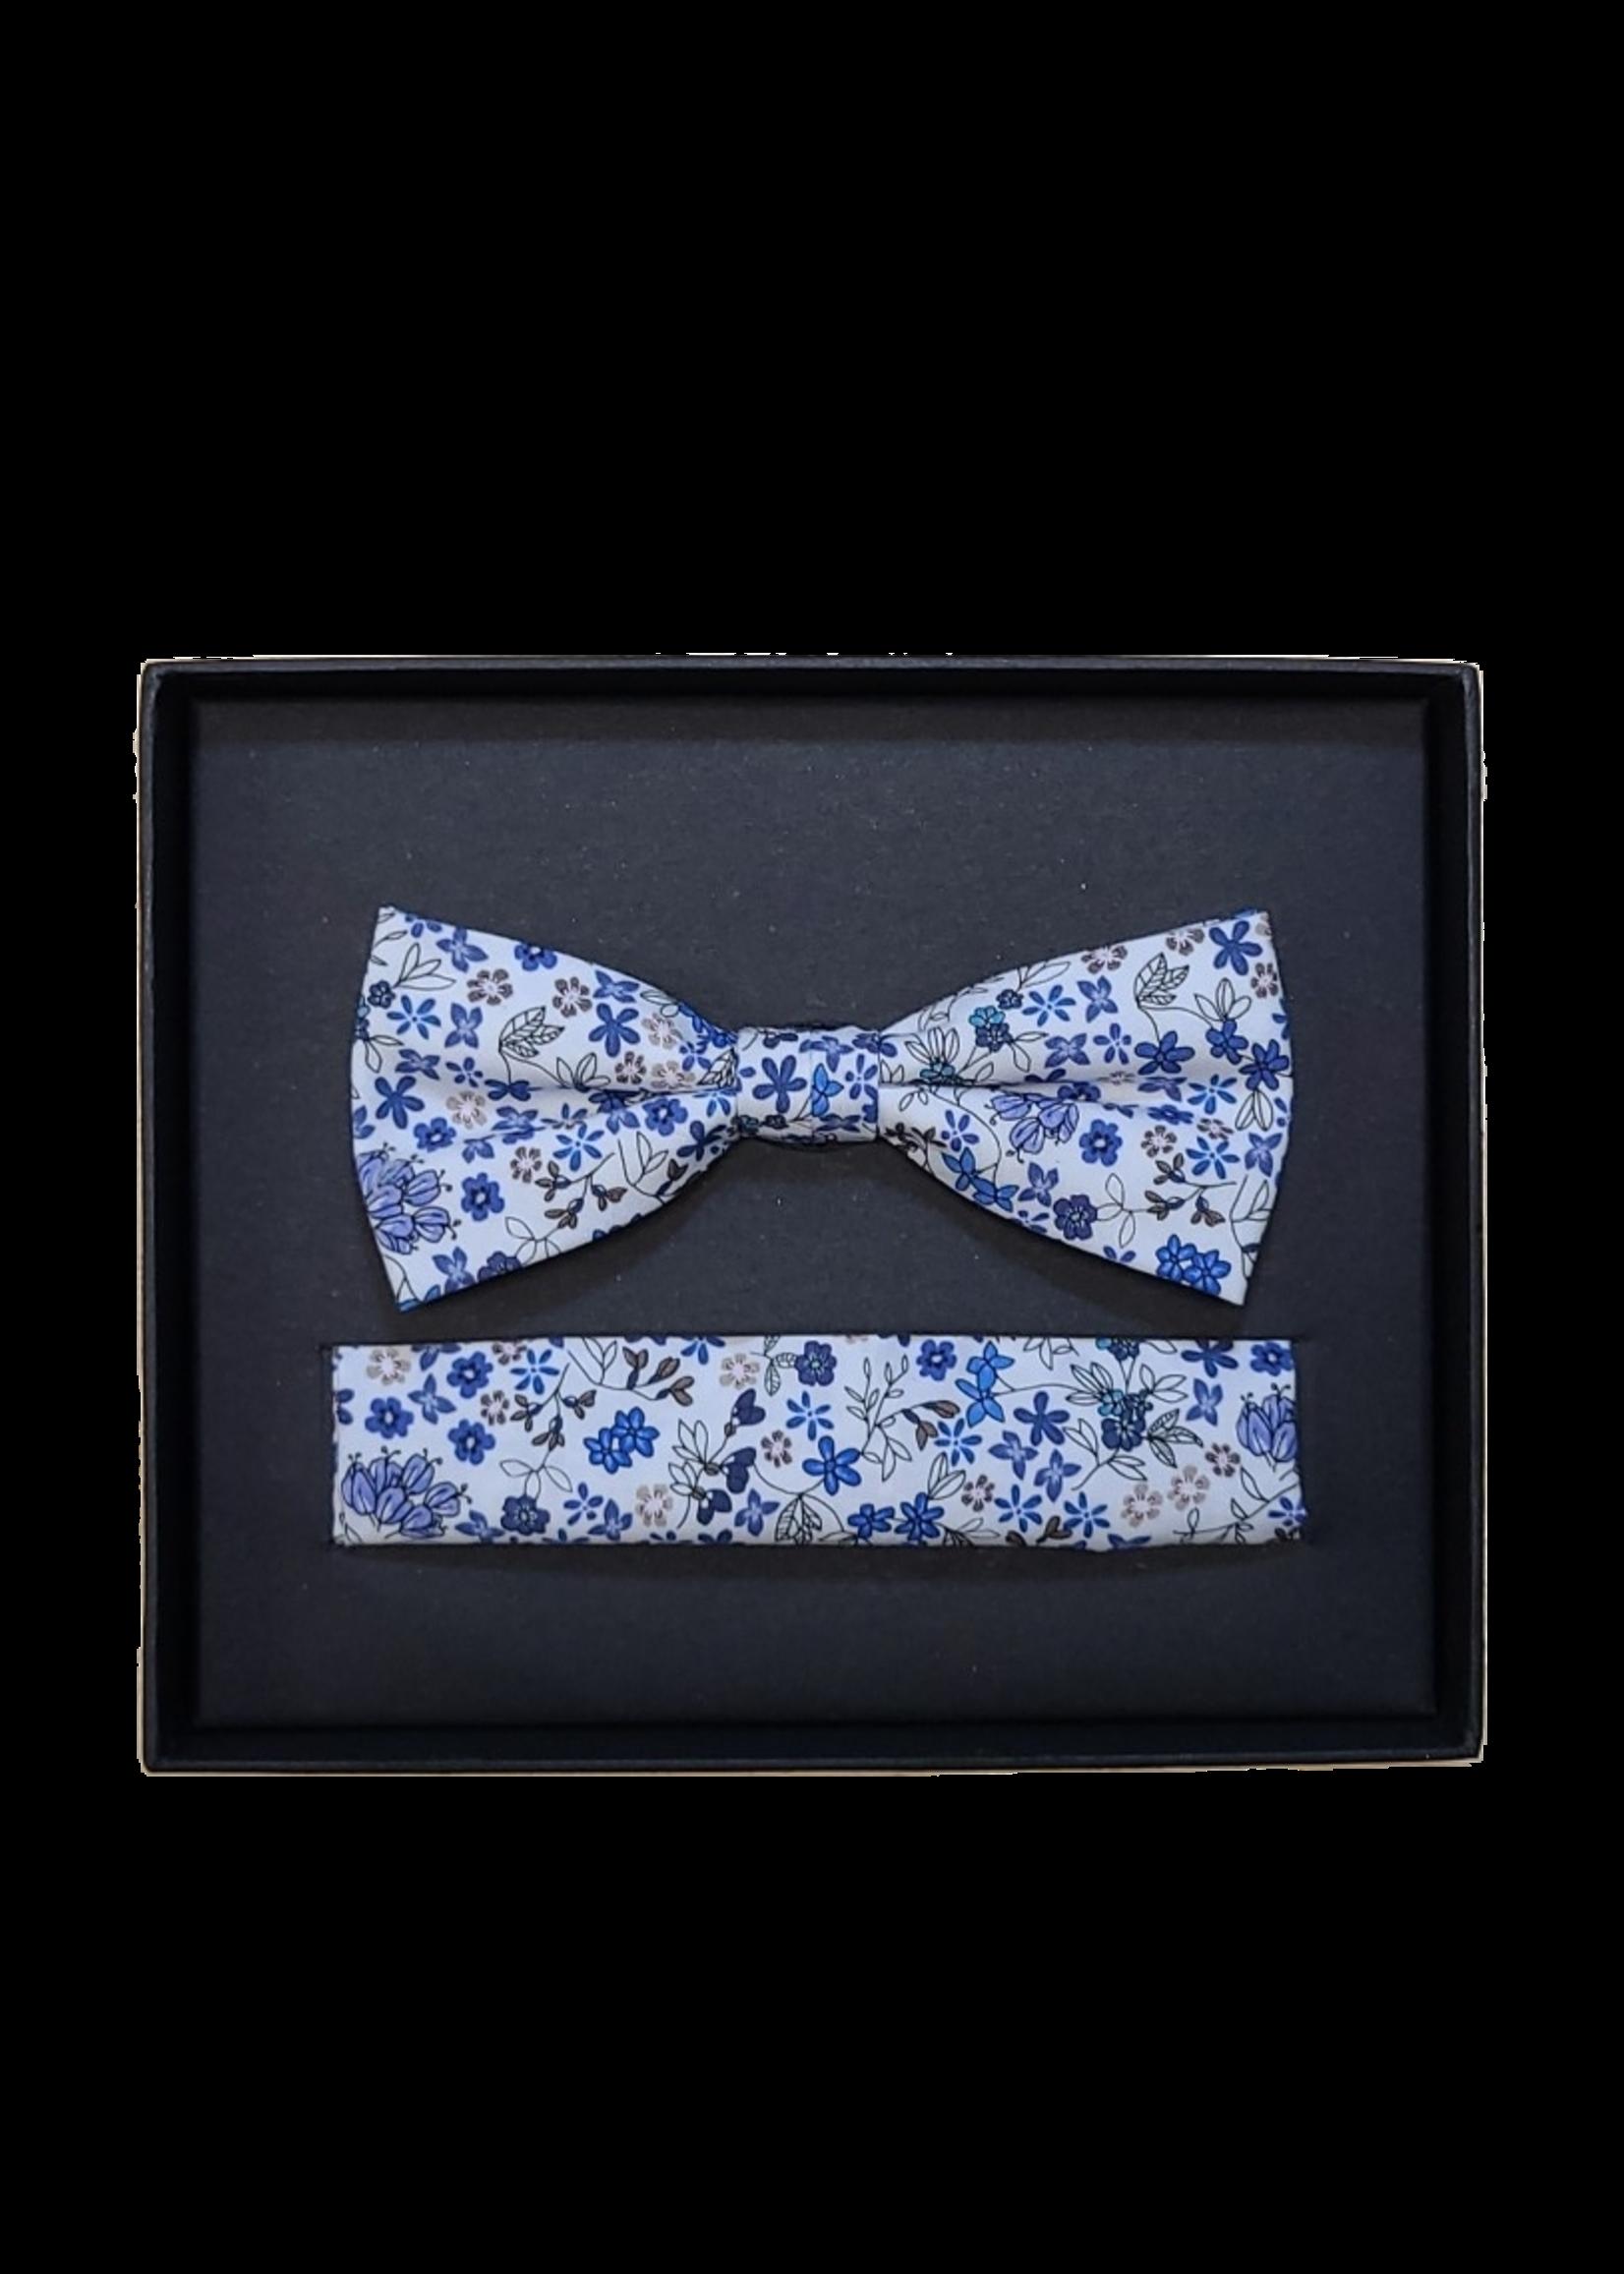 Venti Venti Bow Tie & Pocket Square 7545